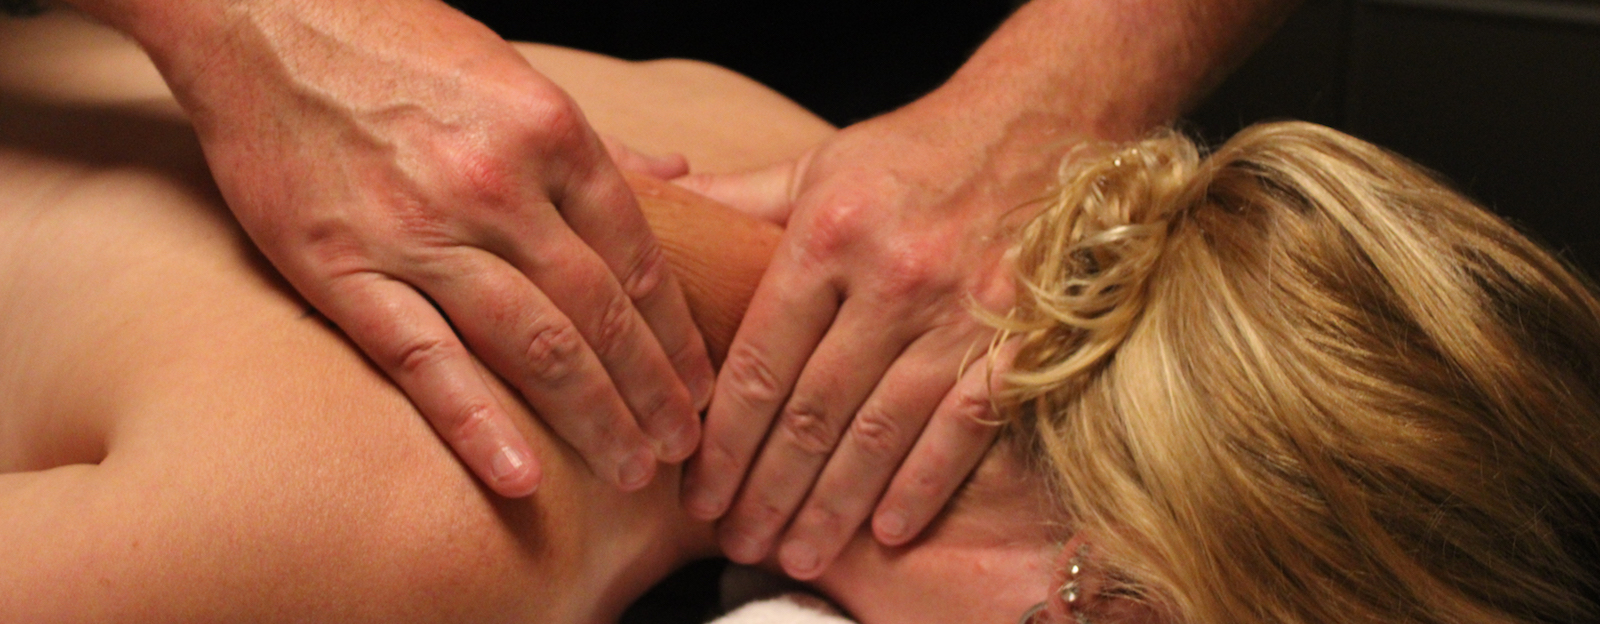 Fitte, soepele spieren en optimaal herstel voor sporters en niet-sporters. Sportmassage Massagetherapie Pieters in Gouda.